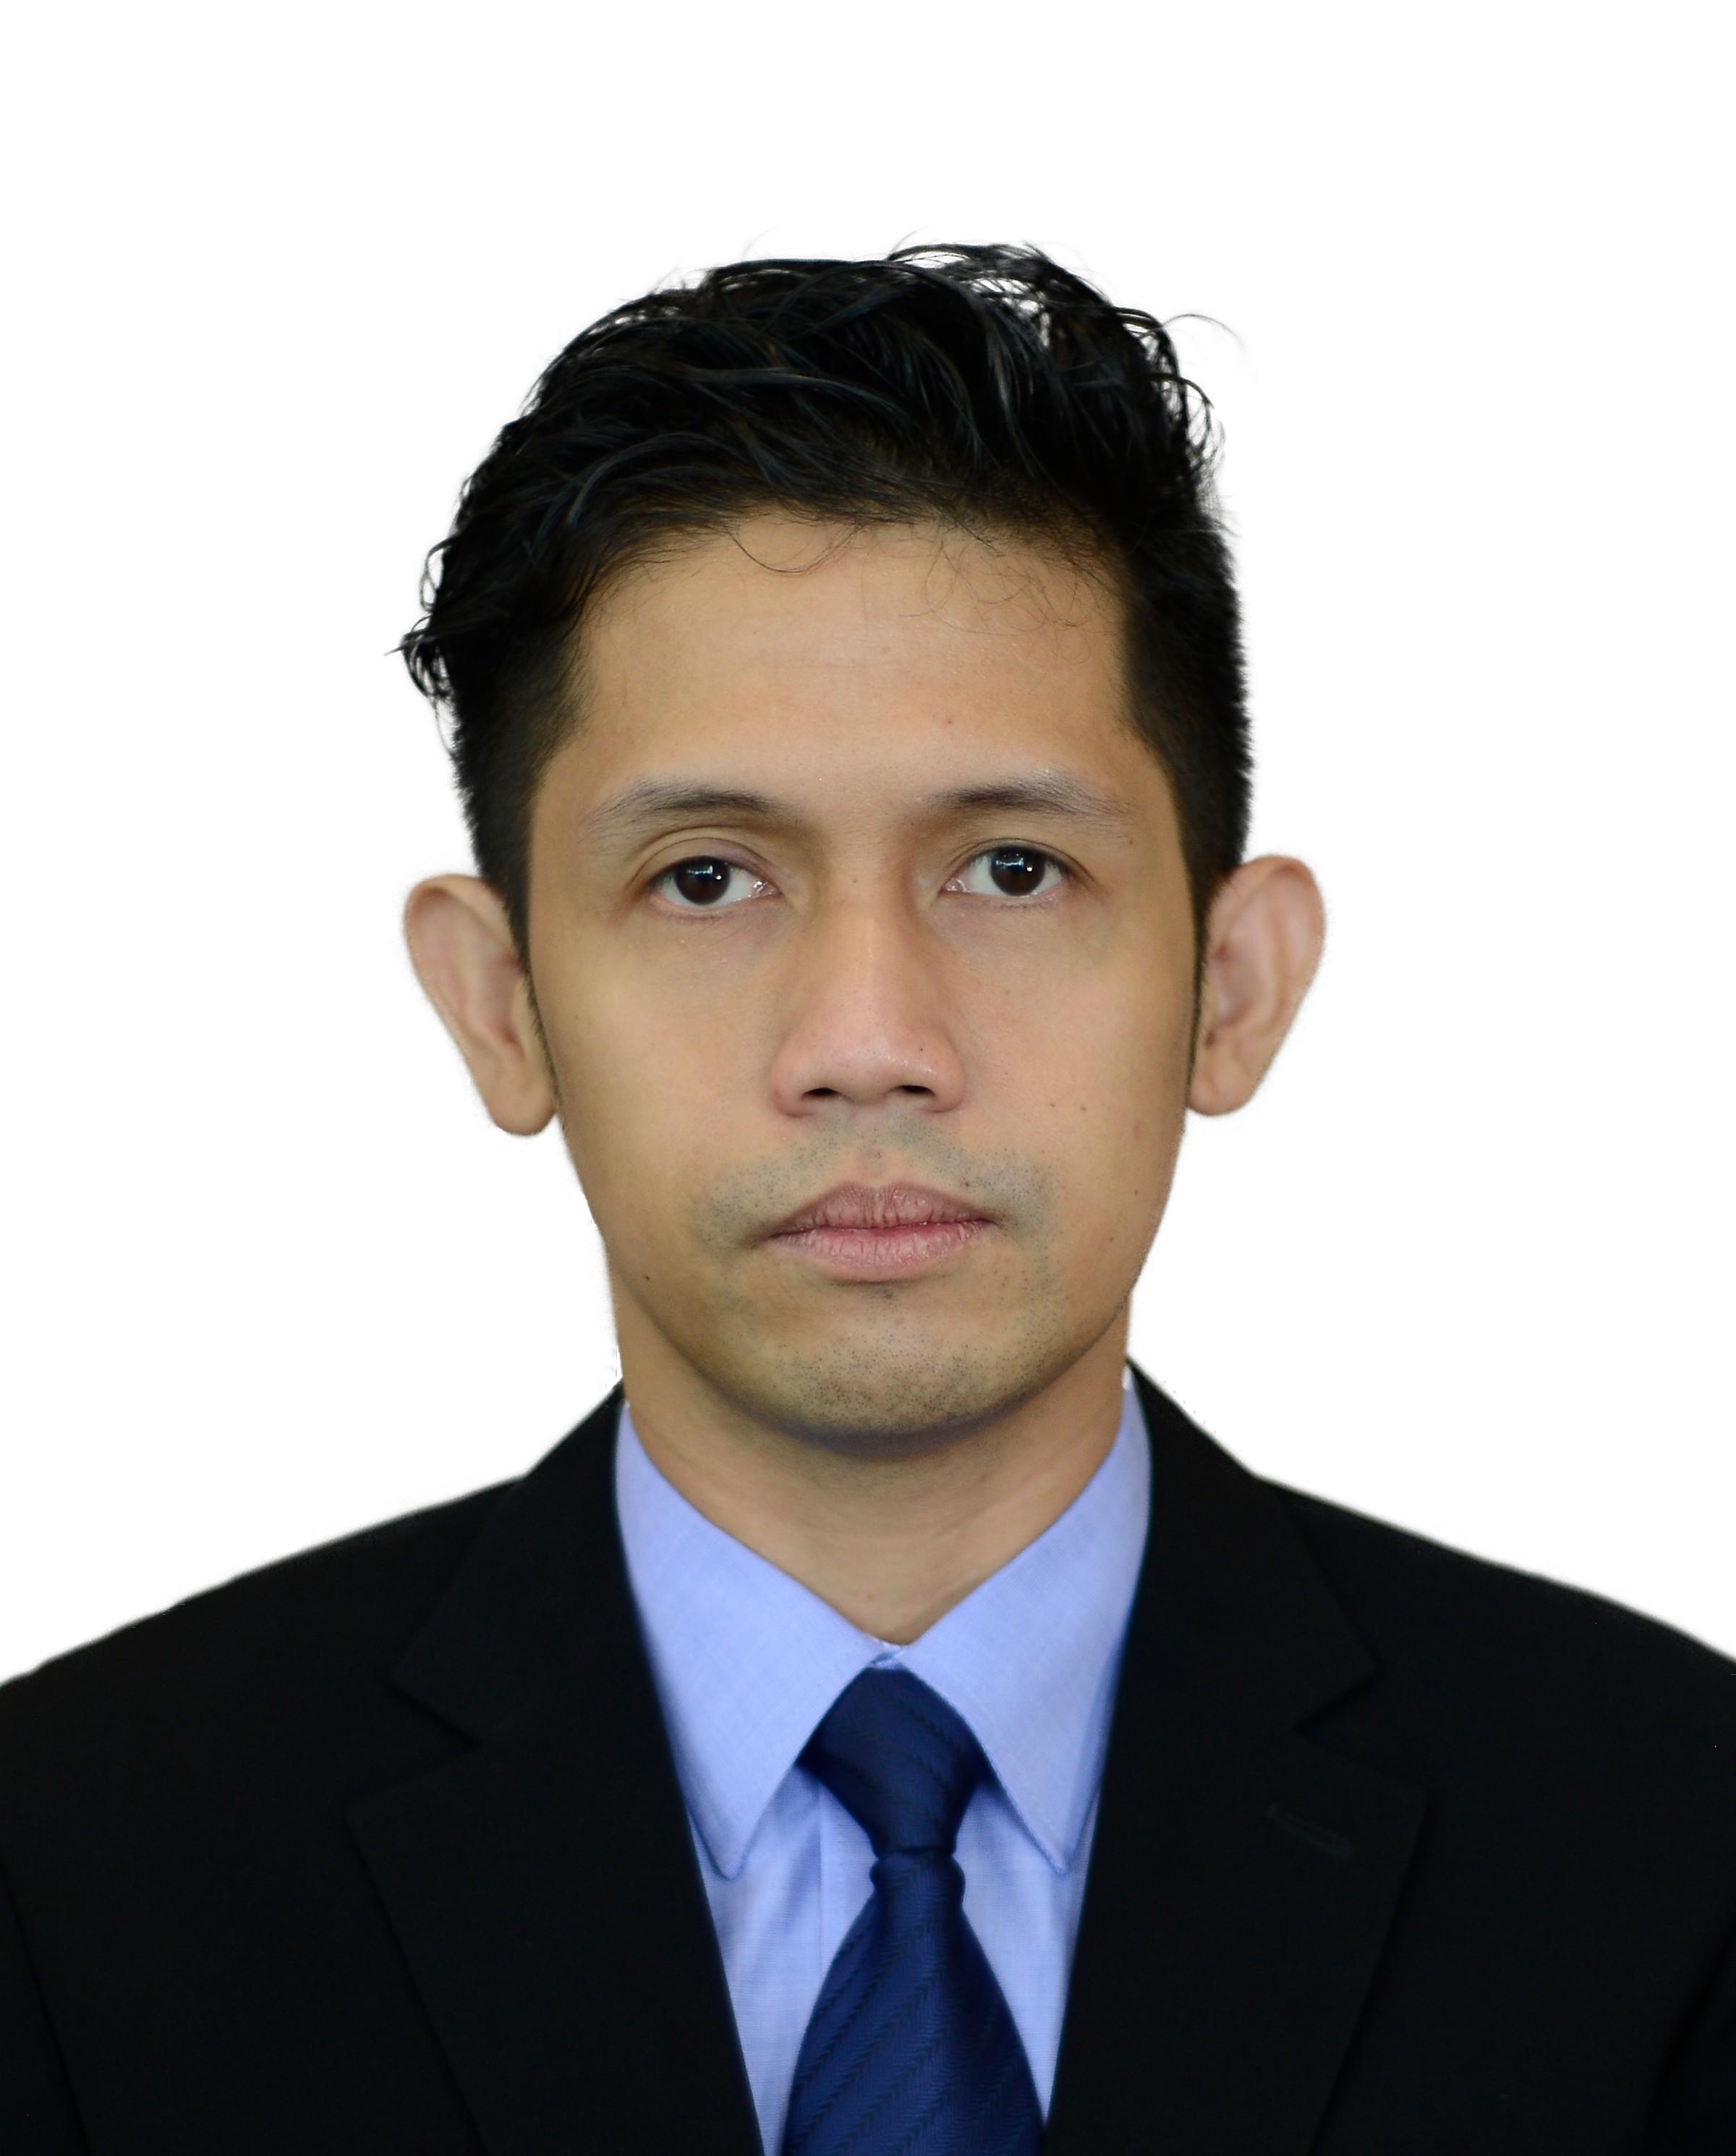 Geoffrey Bin Ramji